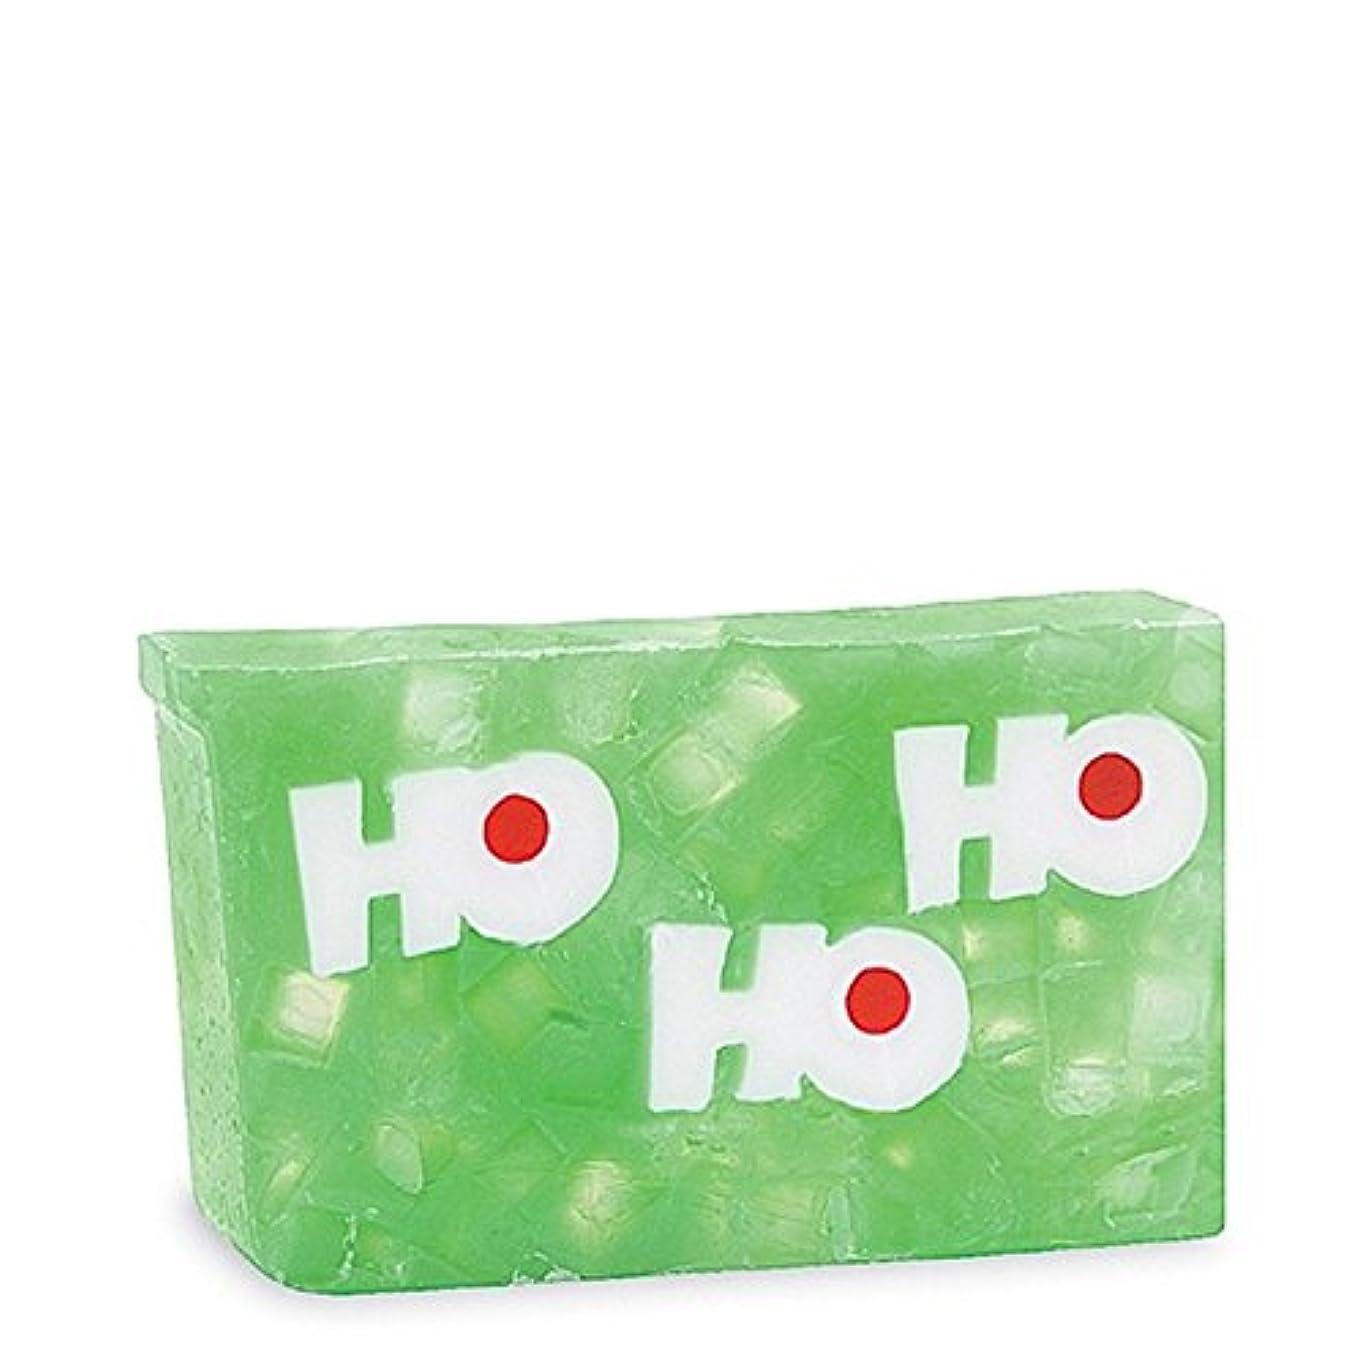 切断するオークション証拠Primal Elements Ho Ho Ho Soap (Pack of 6) - 原初の要素ホーホーホ石鹸 x6 [並行輸入品]